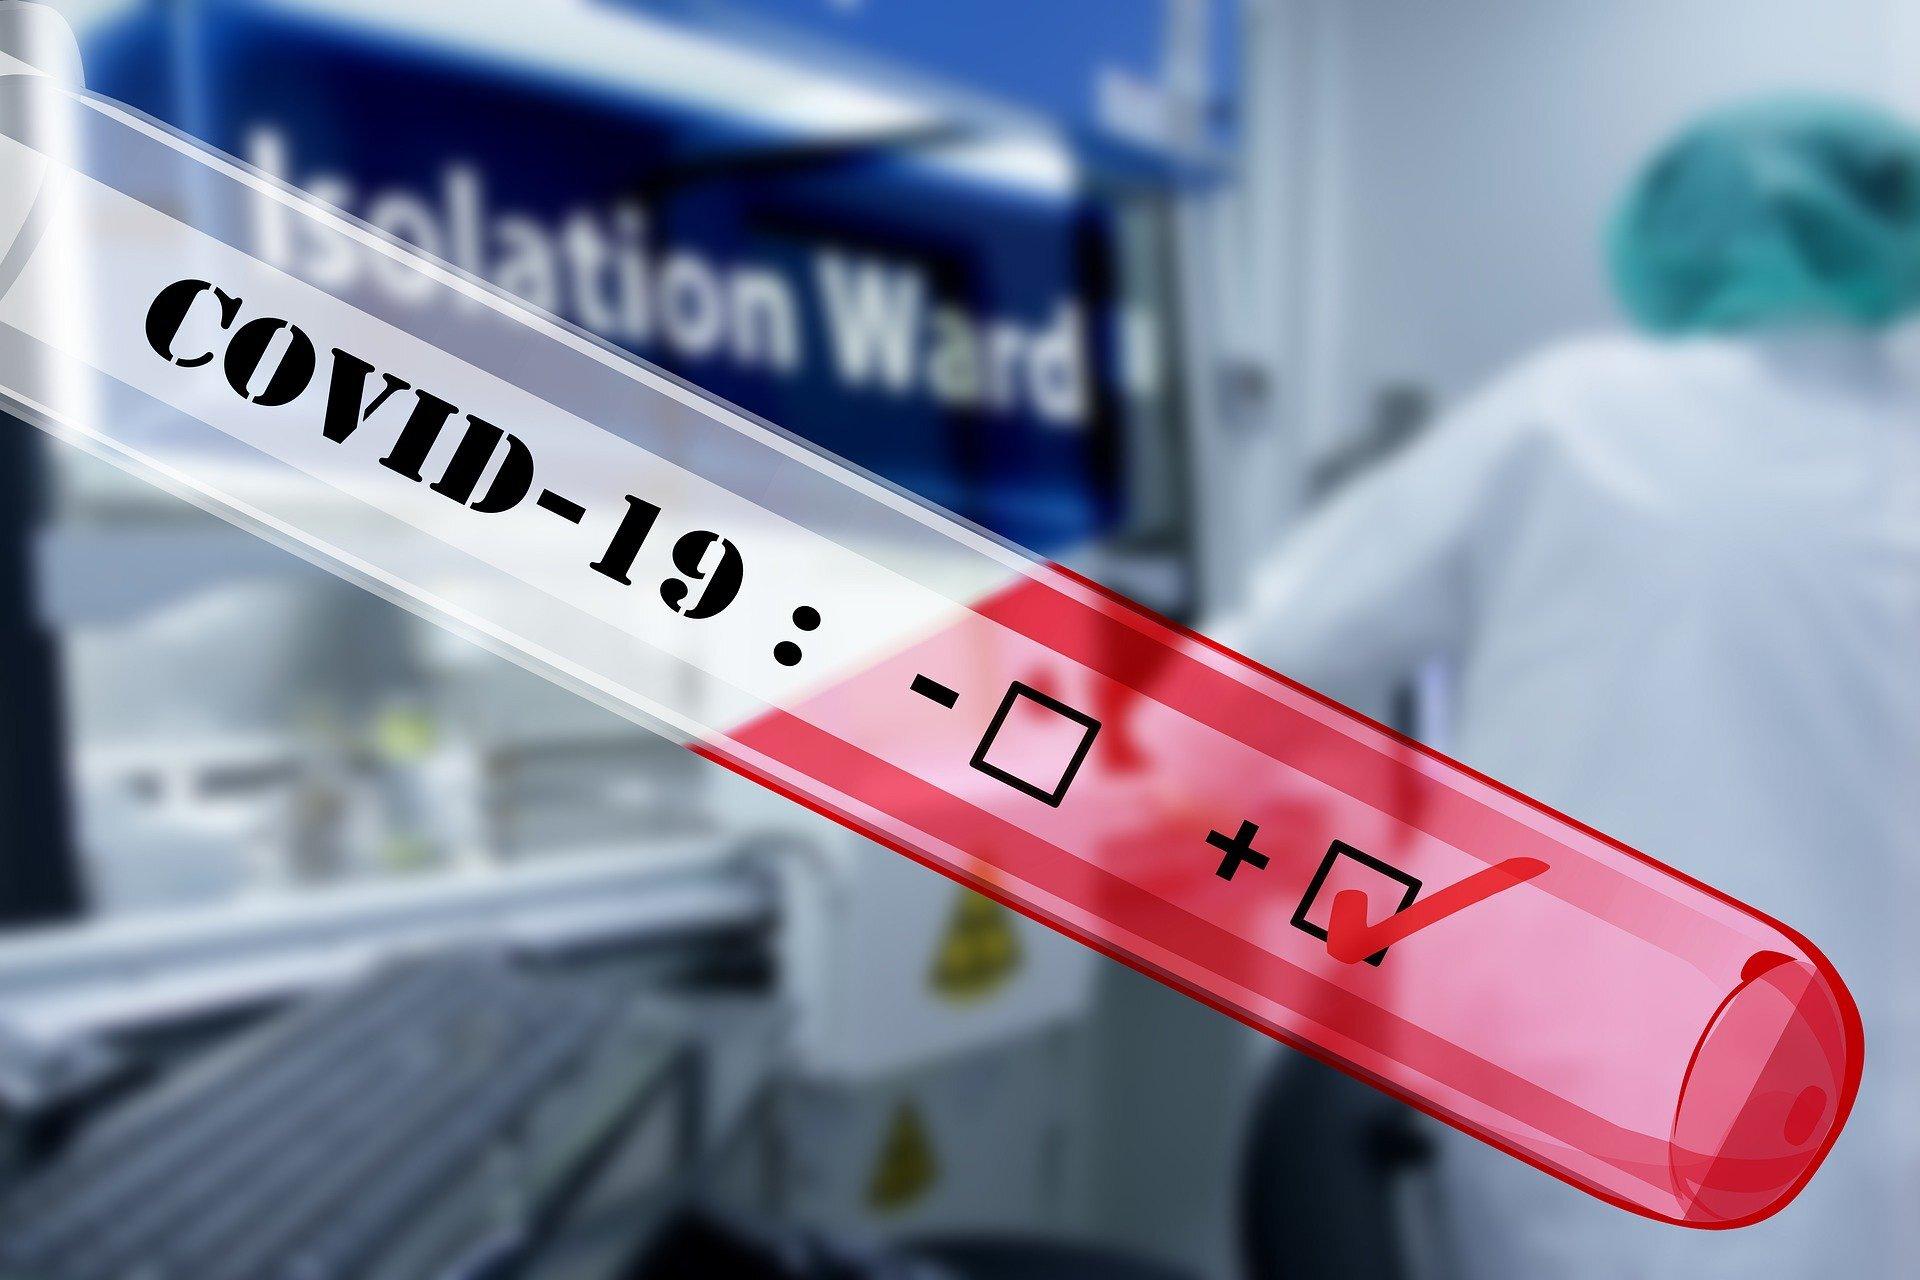 UNS zeichnet 43,742 neue virus-Fälle in 24 Stunden: tracker